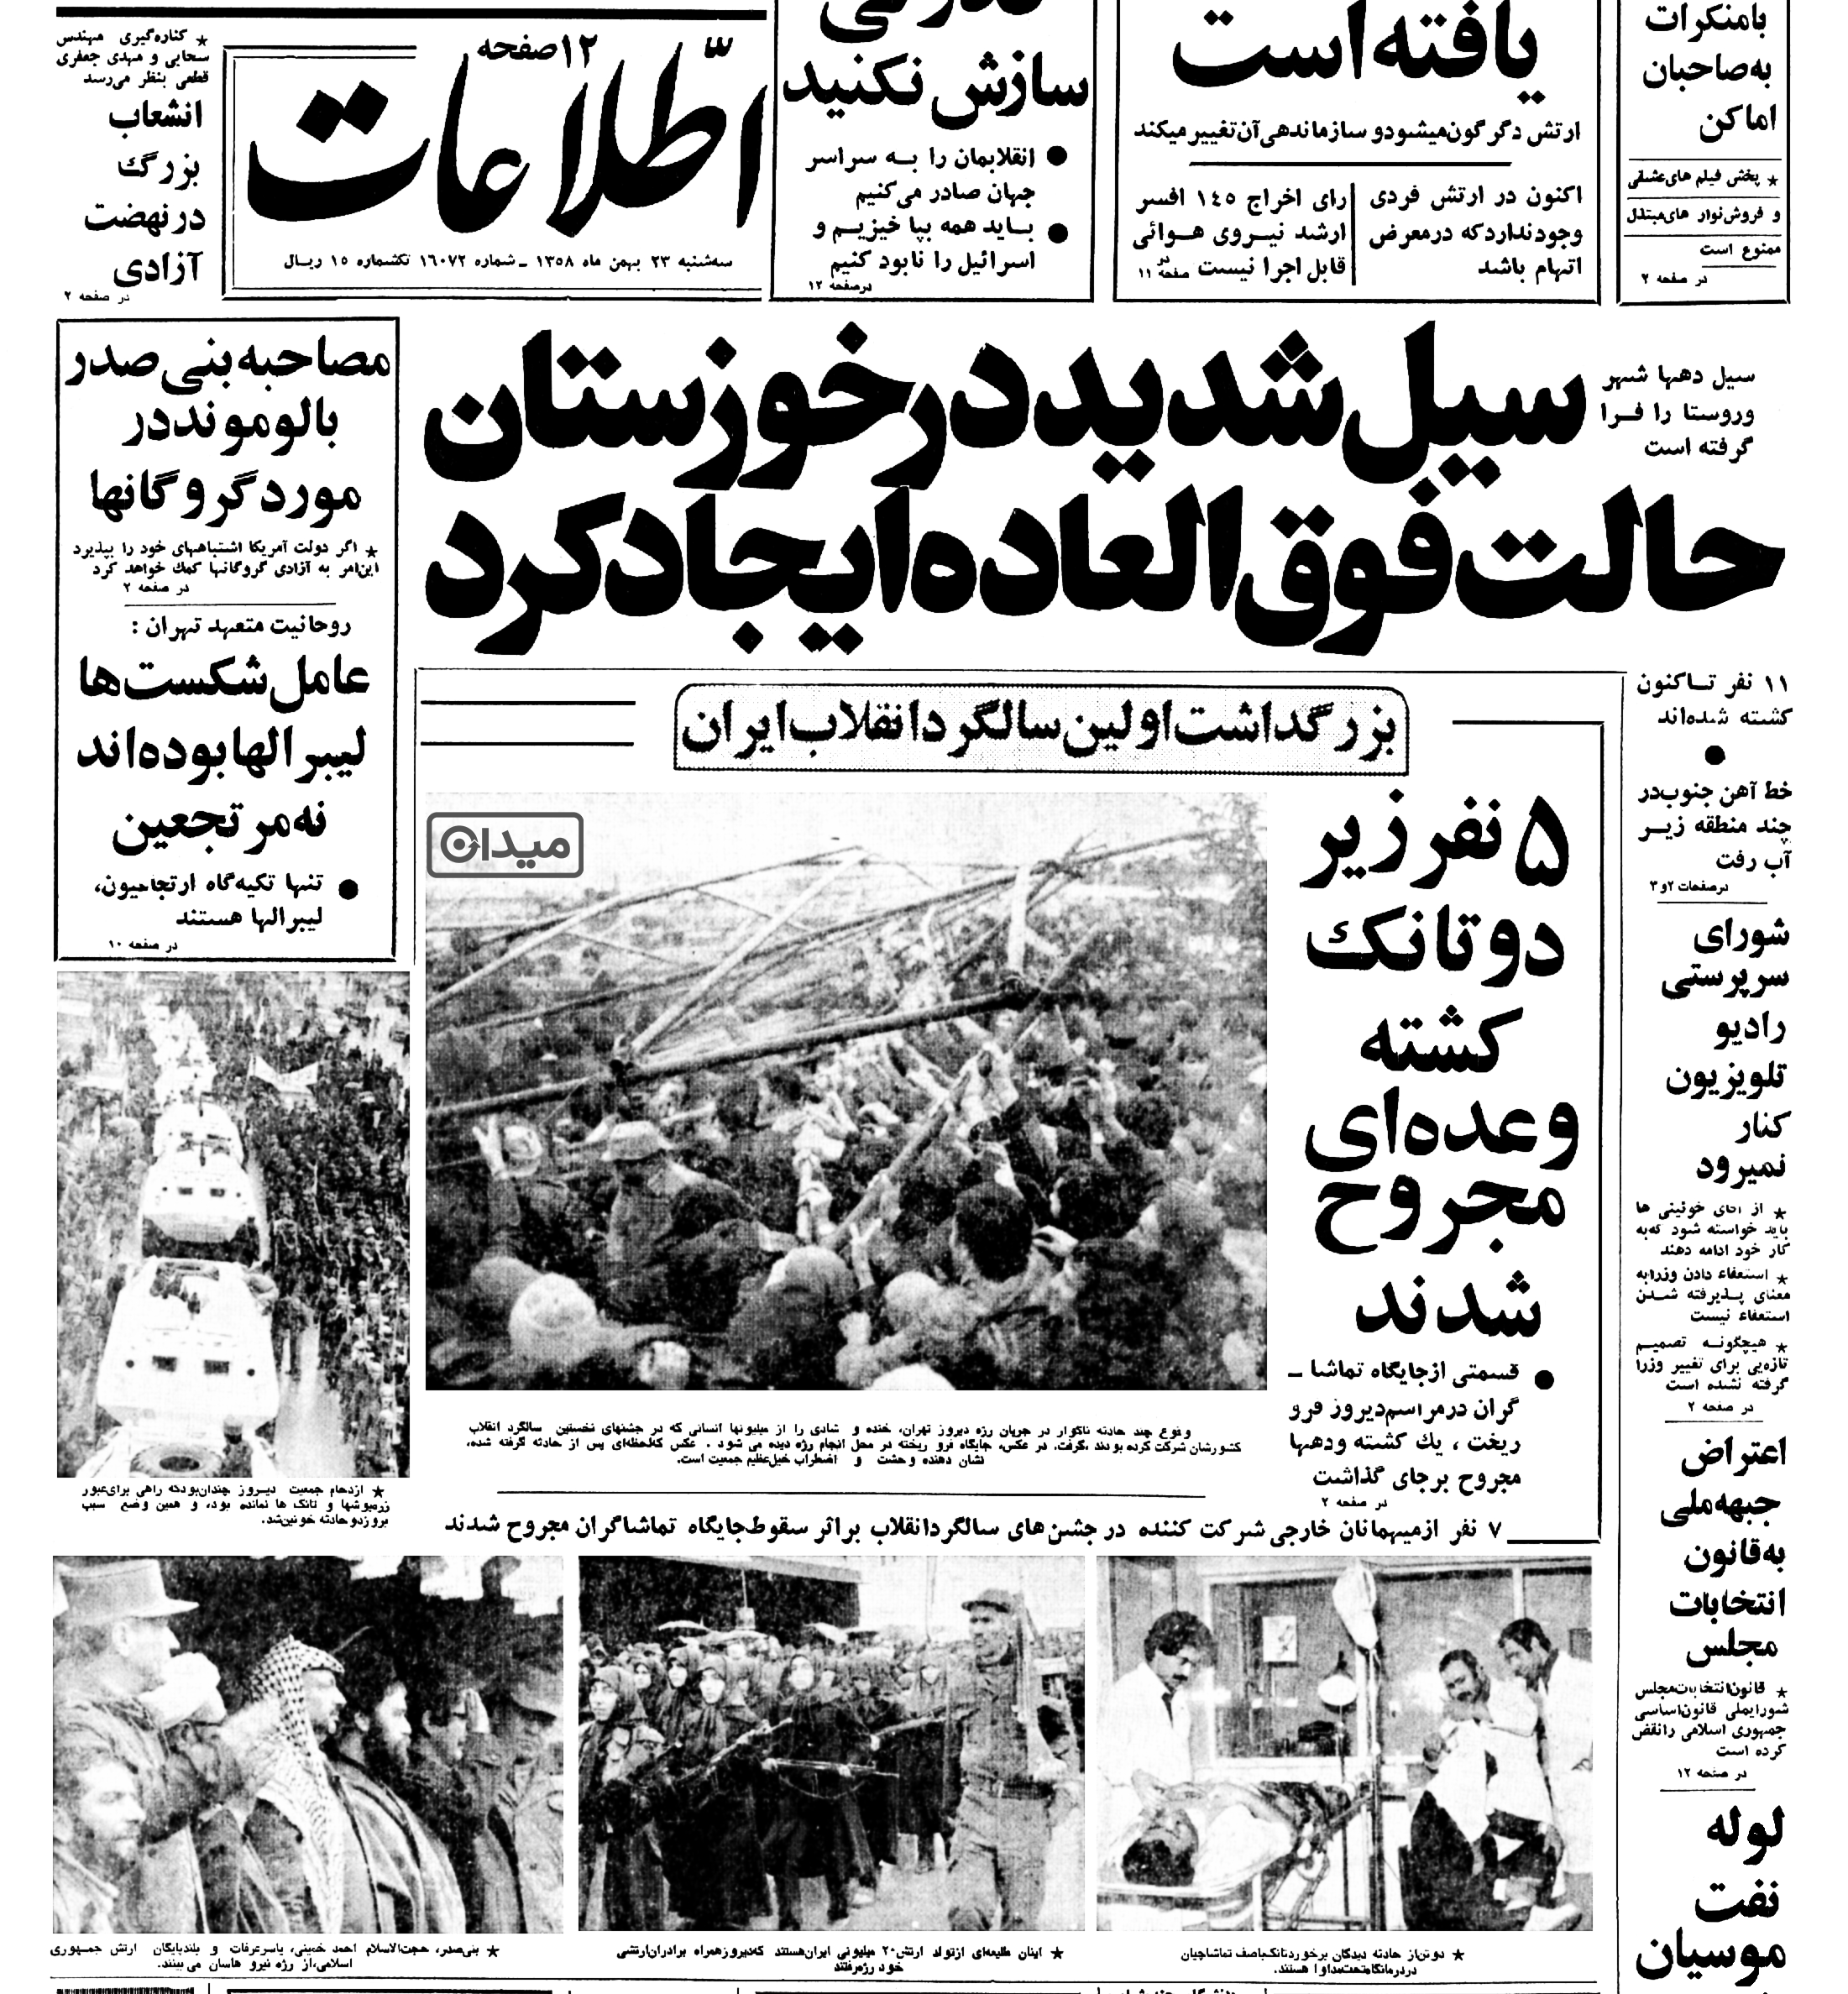 بهمن ۵۸: کشتههای اولین سالگرد انقلاب